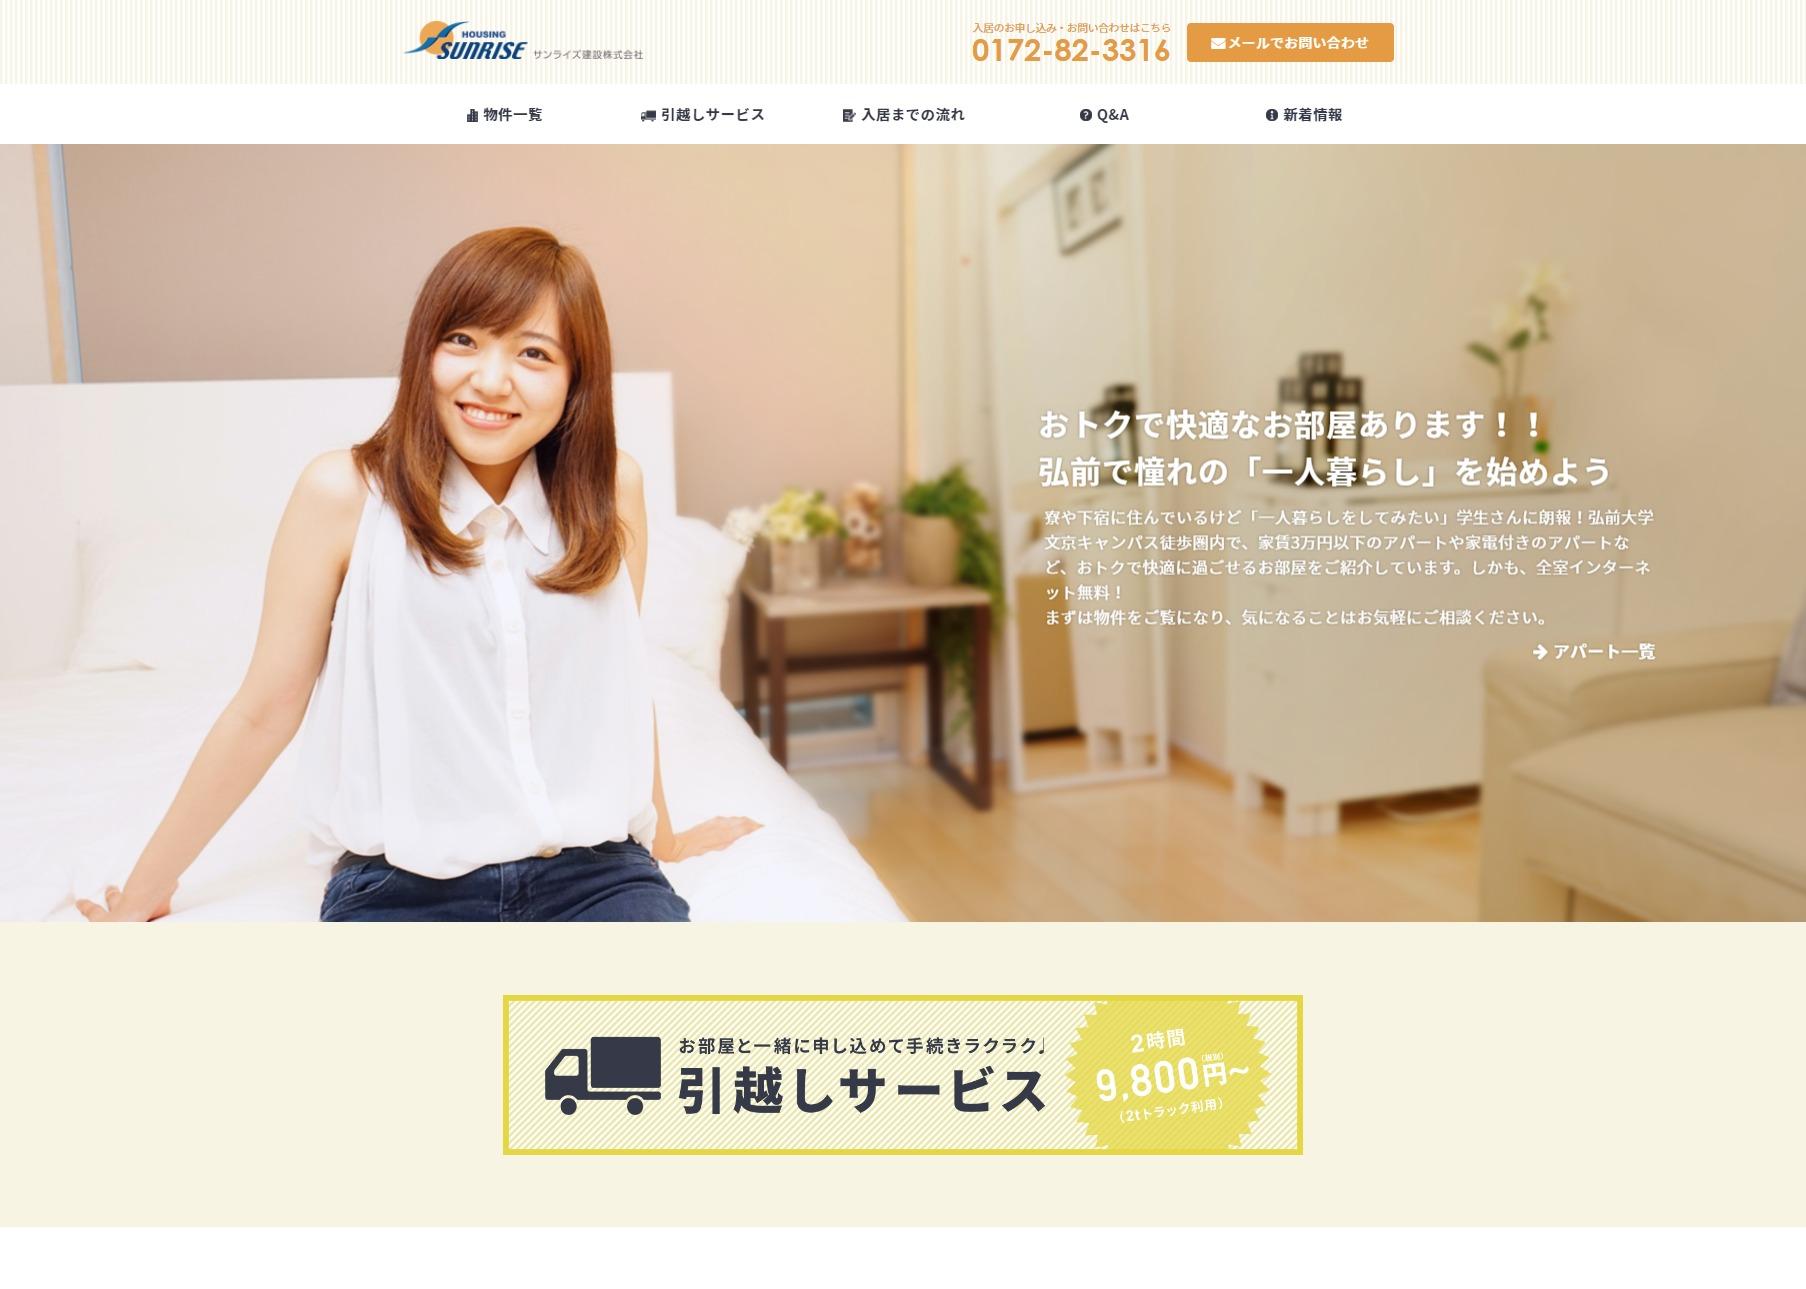 弘前の不動産会社 サンライズ建設株式会社のアパート・賃貸物件紹介サイトがオープン!